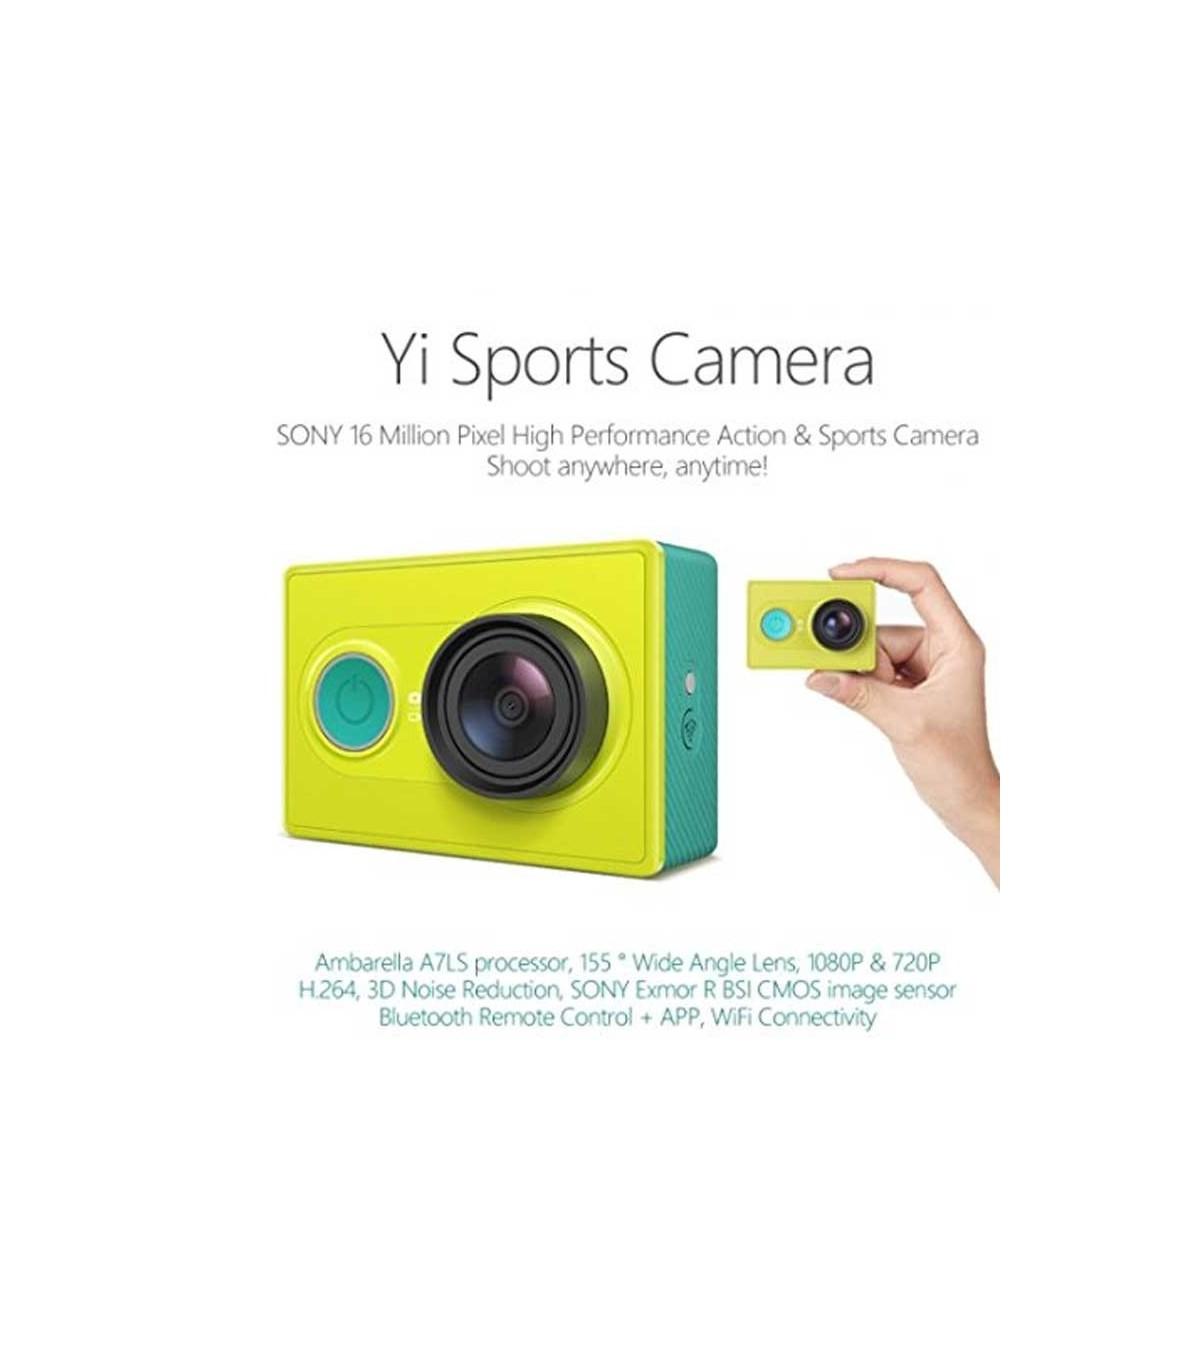 دوربین ورزشی Xiaomi YI نسخه مسافرتی